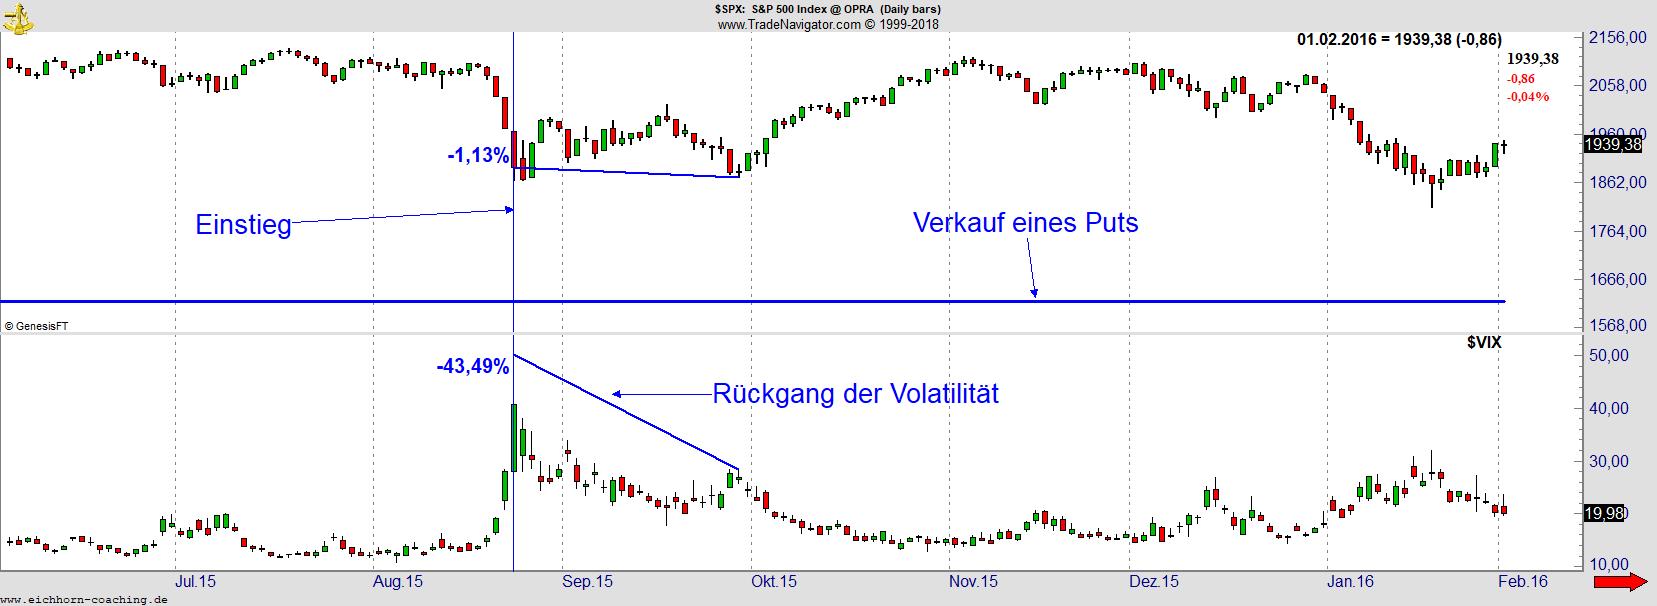 SPX Chart Beispiel Tages- und Wochenanalyse